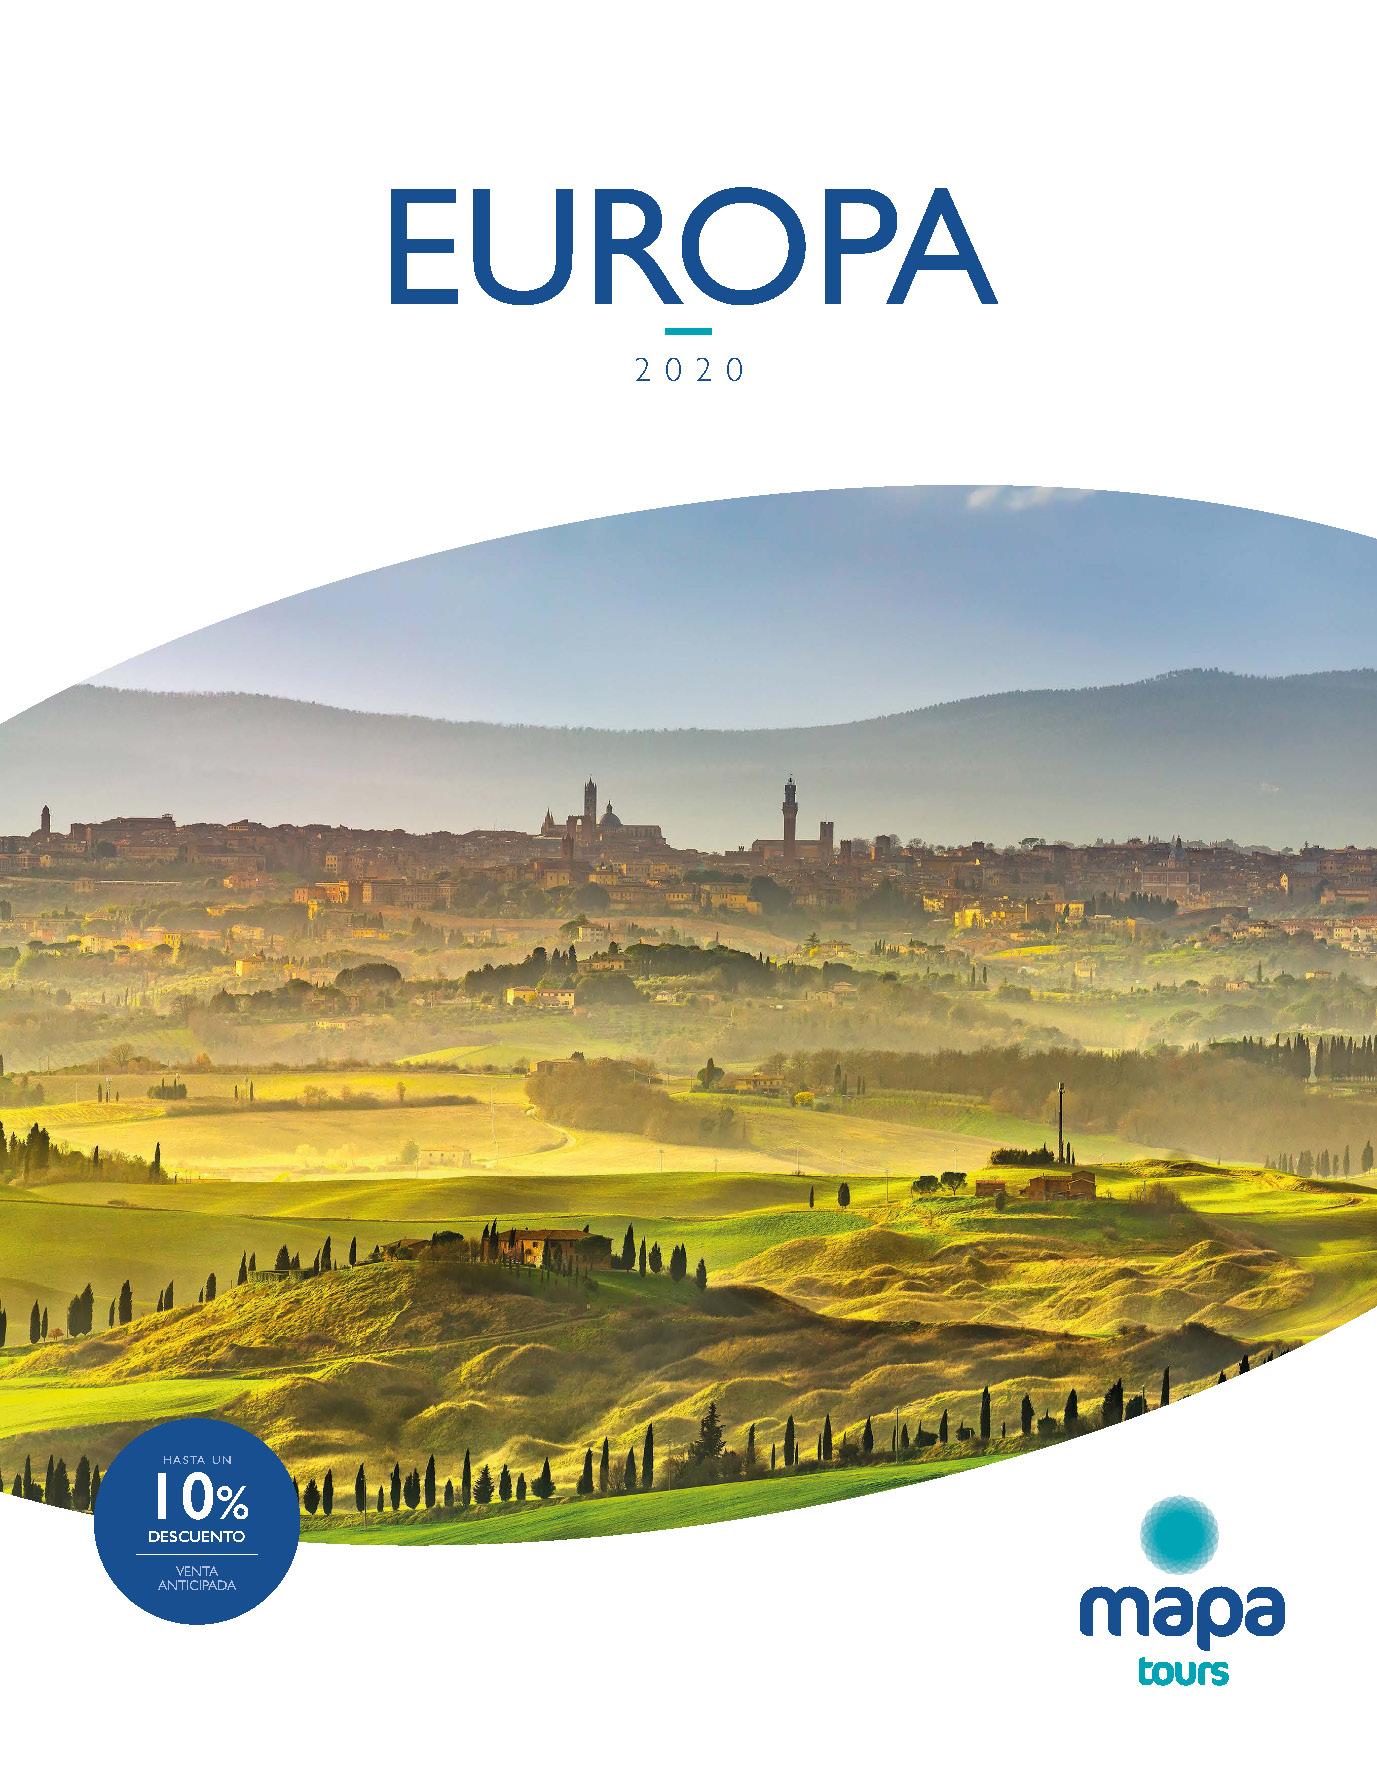 Catalogo Mapa Tours Europa 2020